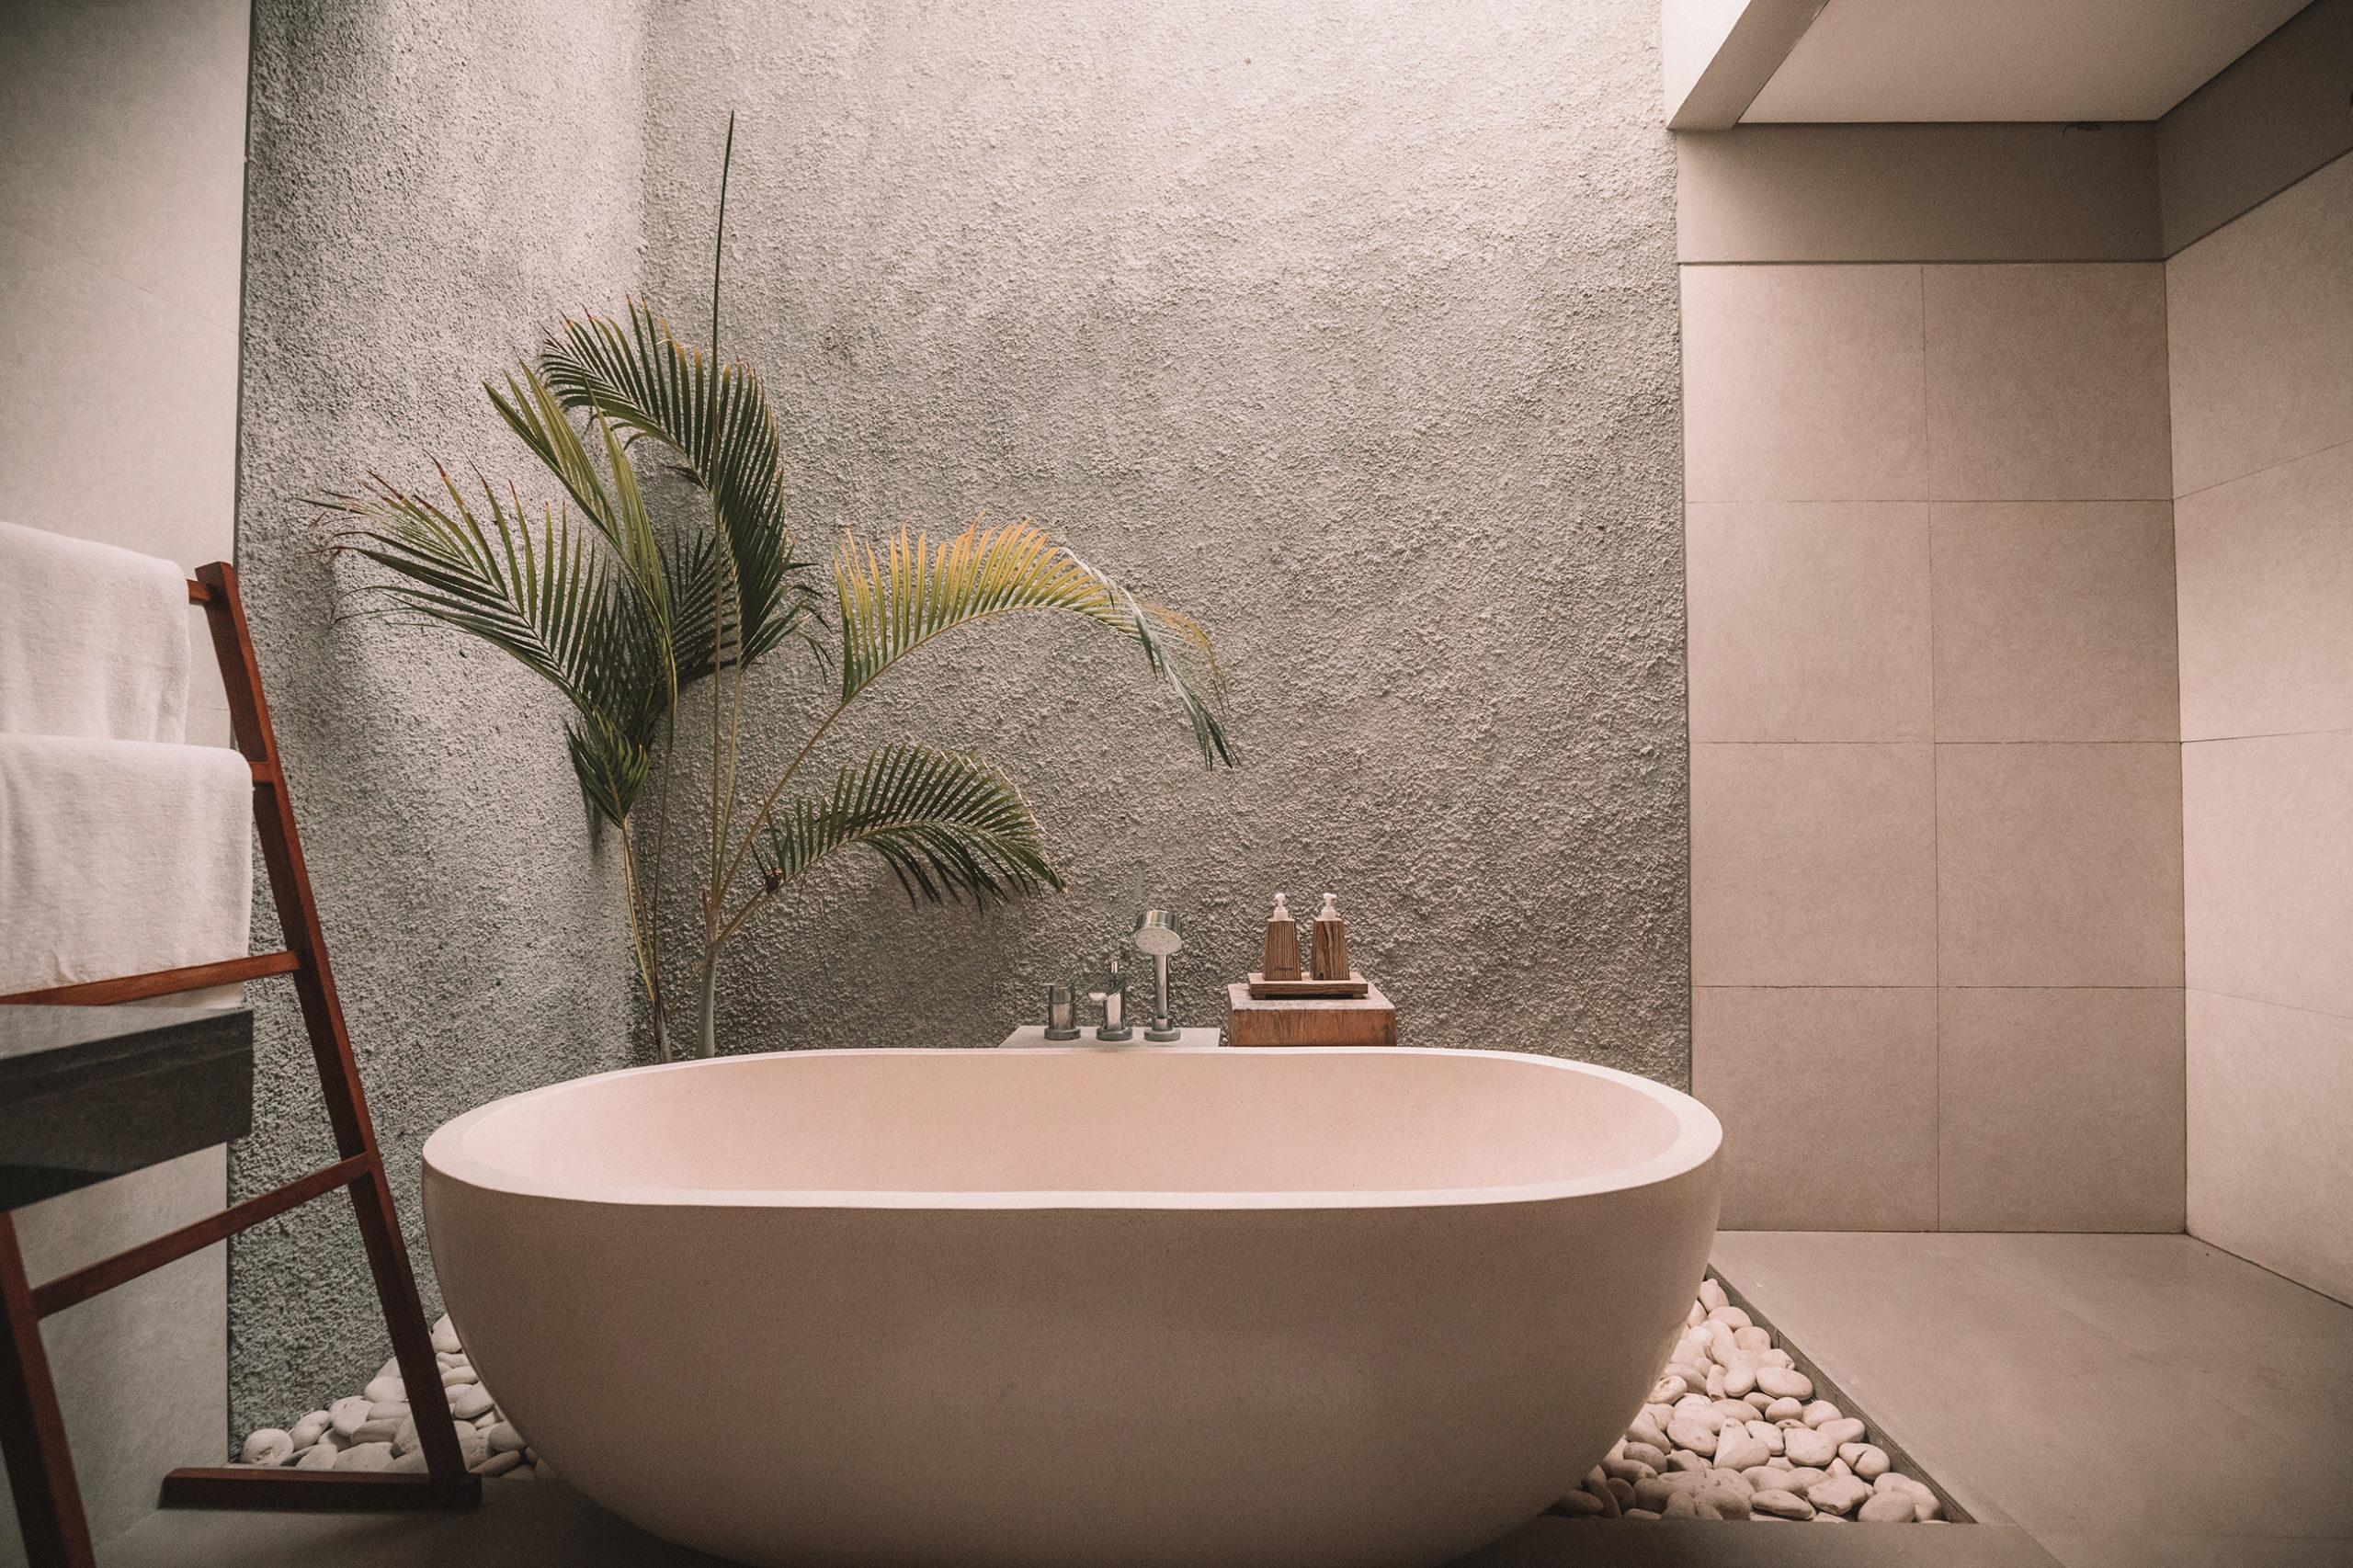 Les plantes vertes décoratives adaptées pour la salle de bains